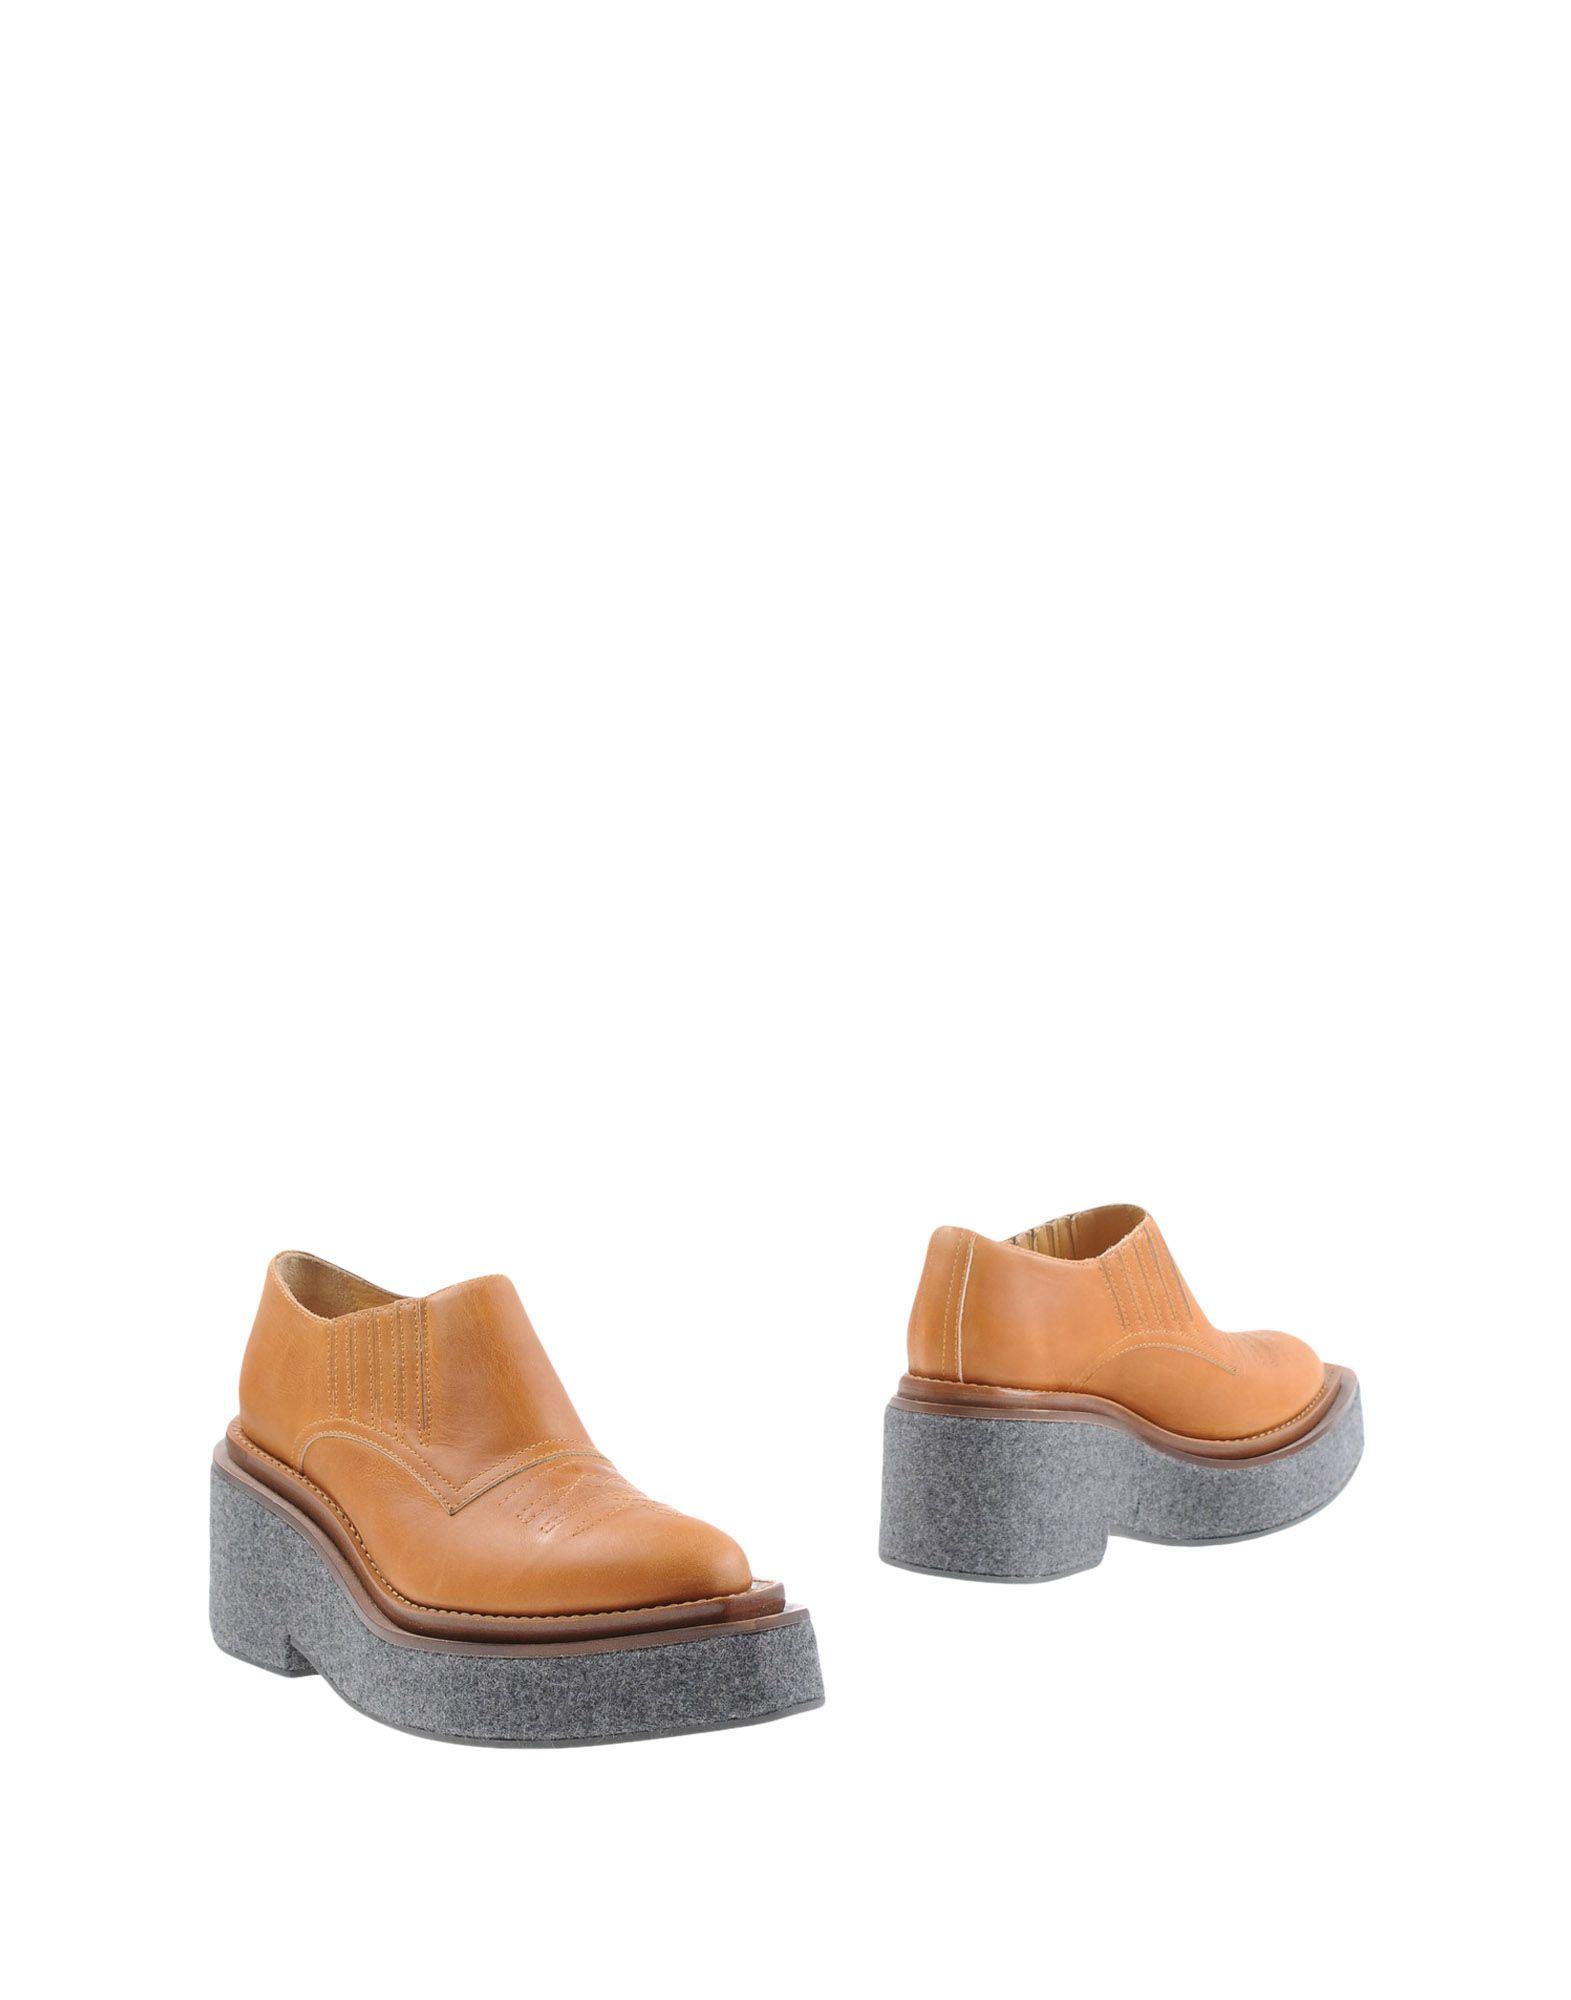 Mm6 Maison Margiela Stiefelette Damen  11296726HVGut aussehende strapazierfähige Schuhe